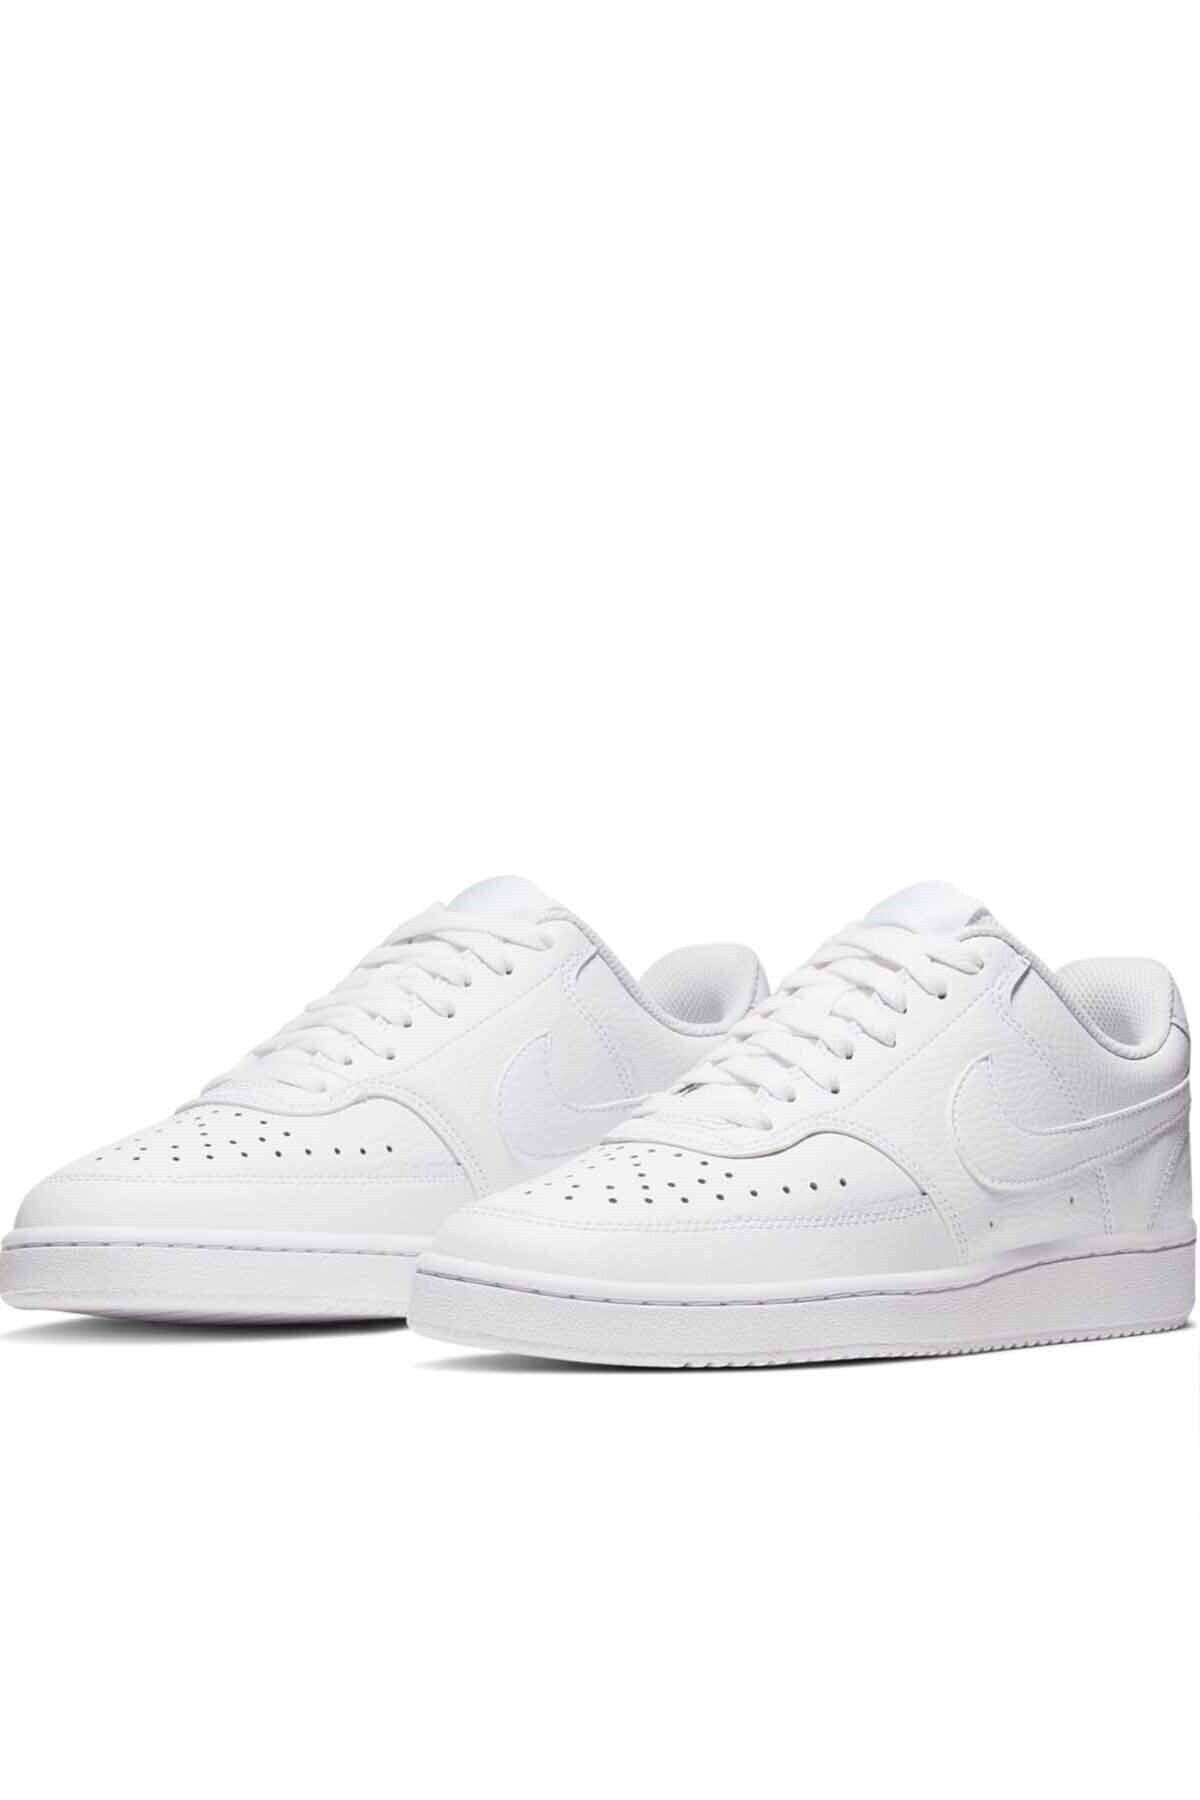 Nike Erkek Beyaz Court Vısıon Lo Spor Ayakkabı Cd5463-100 2